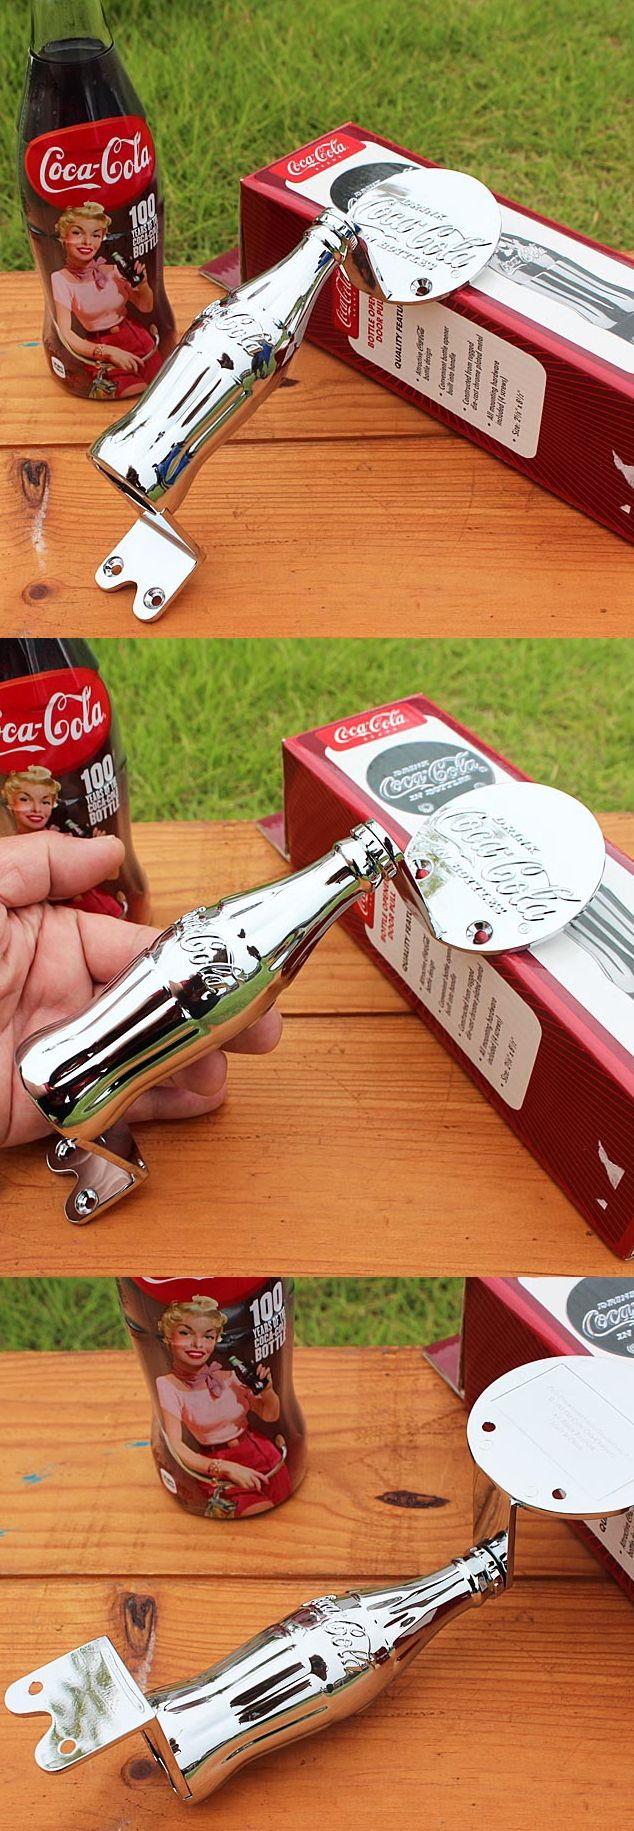 コカコーラの金属製の栓抜きがドアハンドルにもなる。おしゃれなコカコーラグッズ。